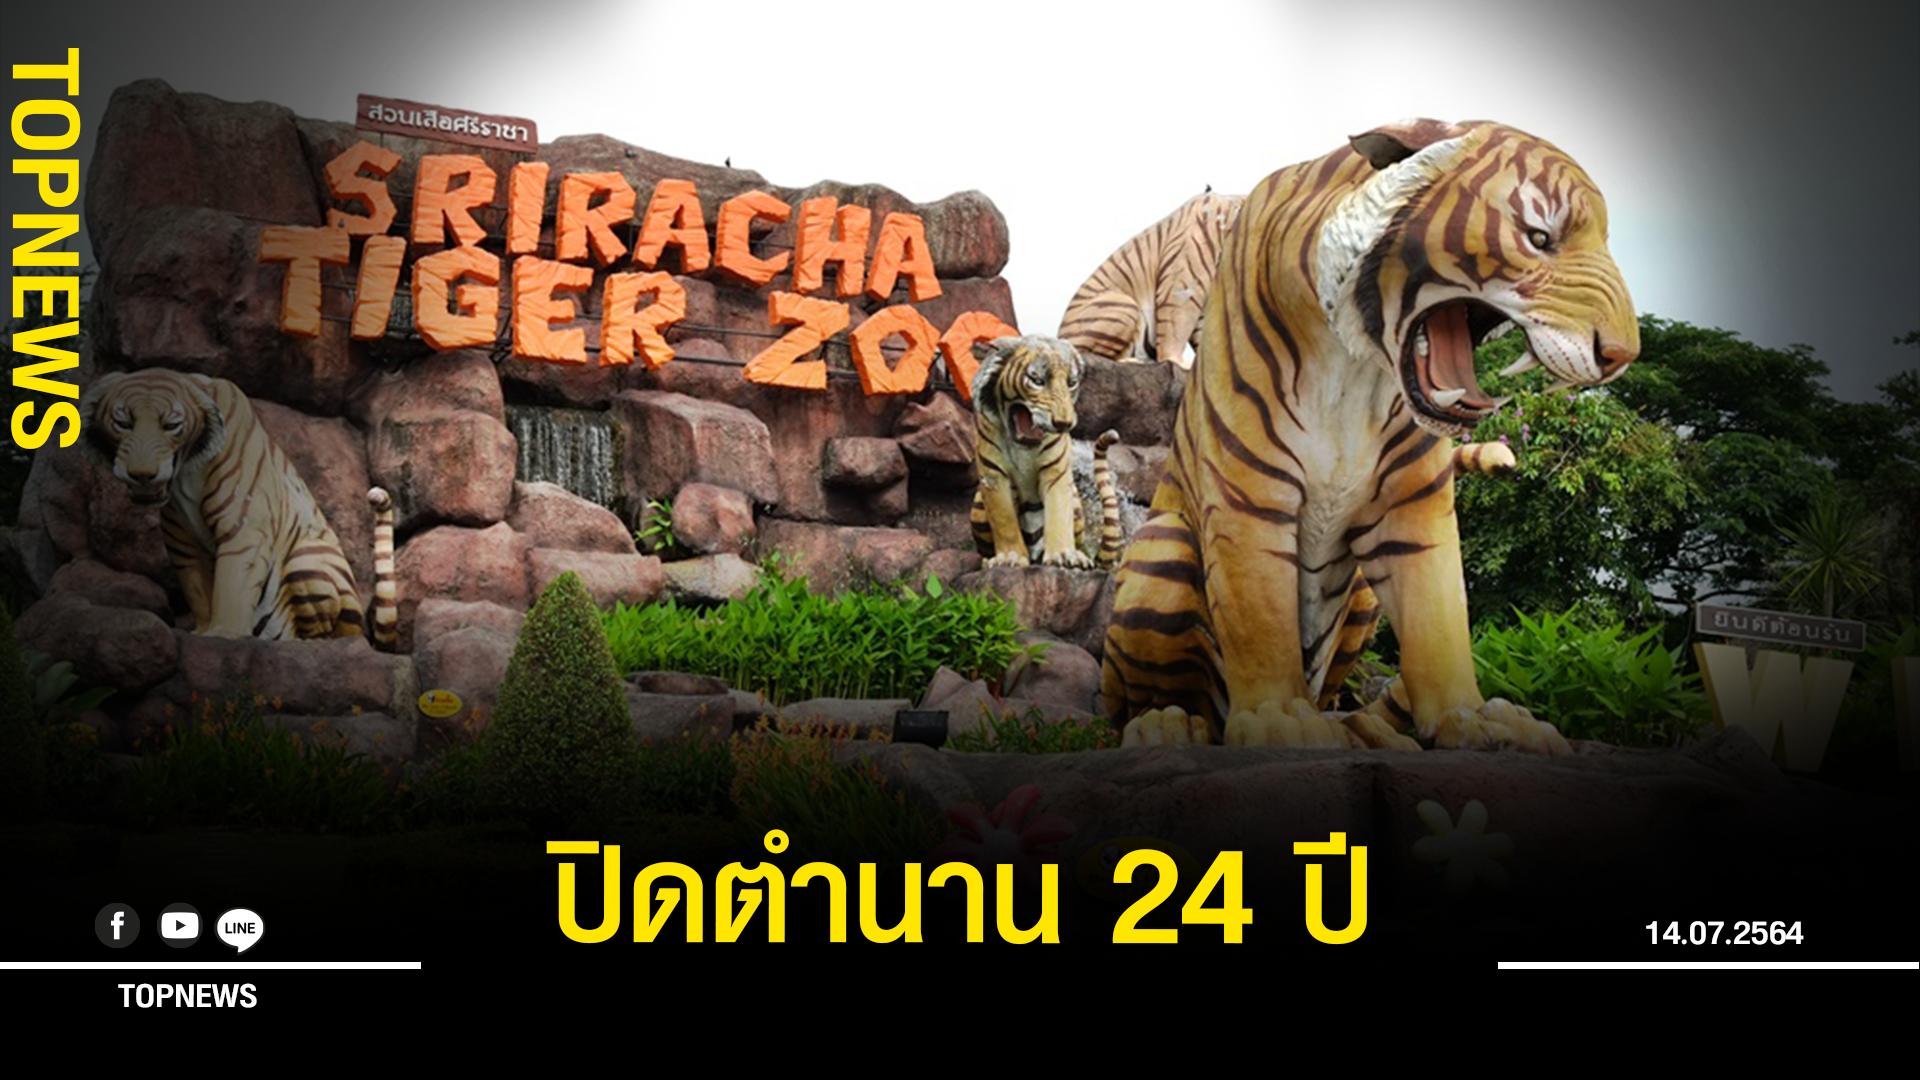 """""""สวนเสือศรีราชา"""" ประกาศเลิกกิจการ ปิดตำนานสวนสัตว์ 24 ปี"""